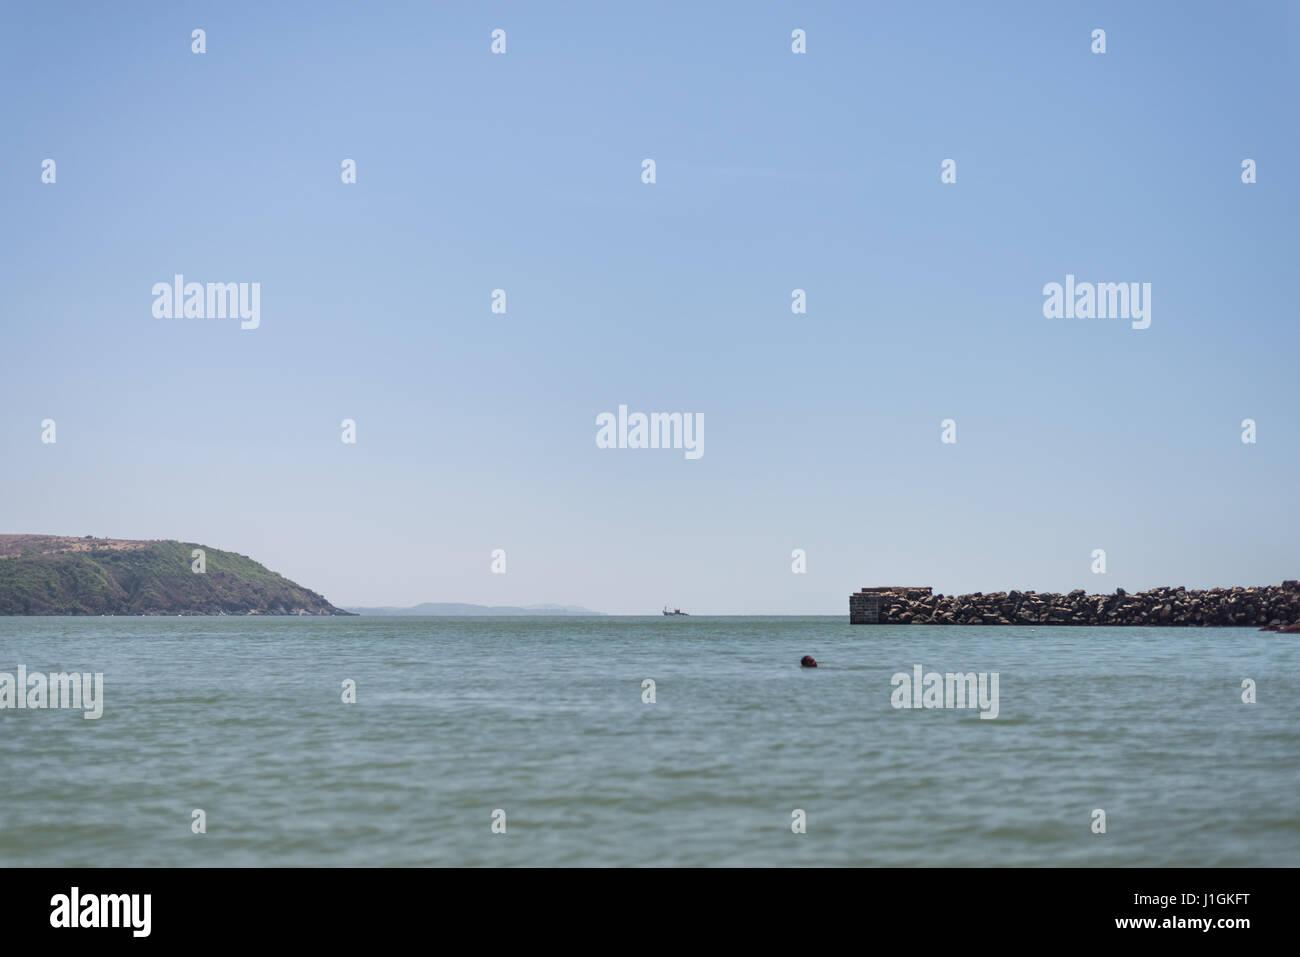 Pier sea and shore - Stock Image